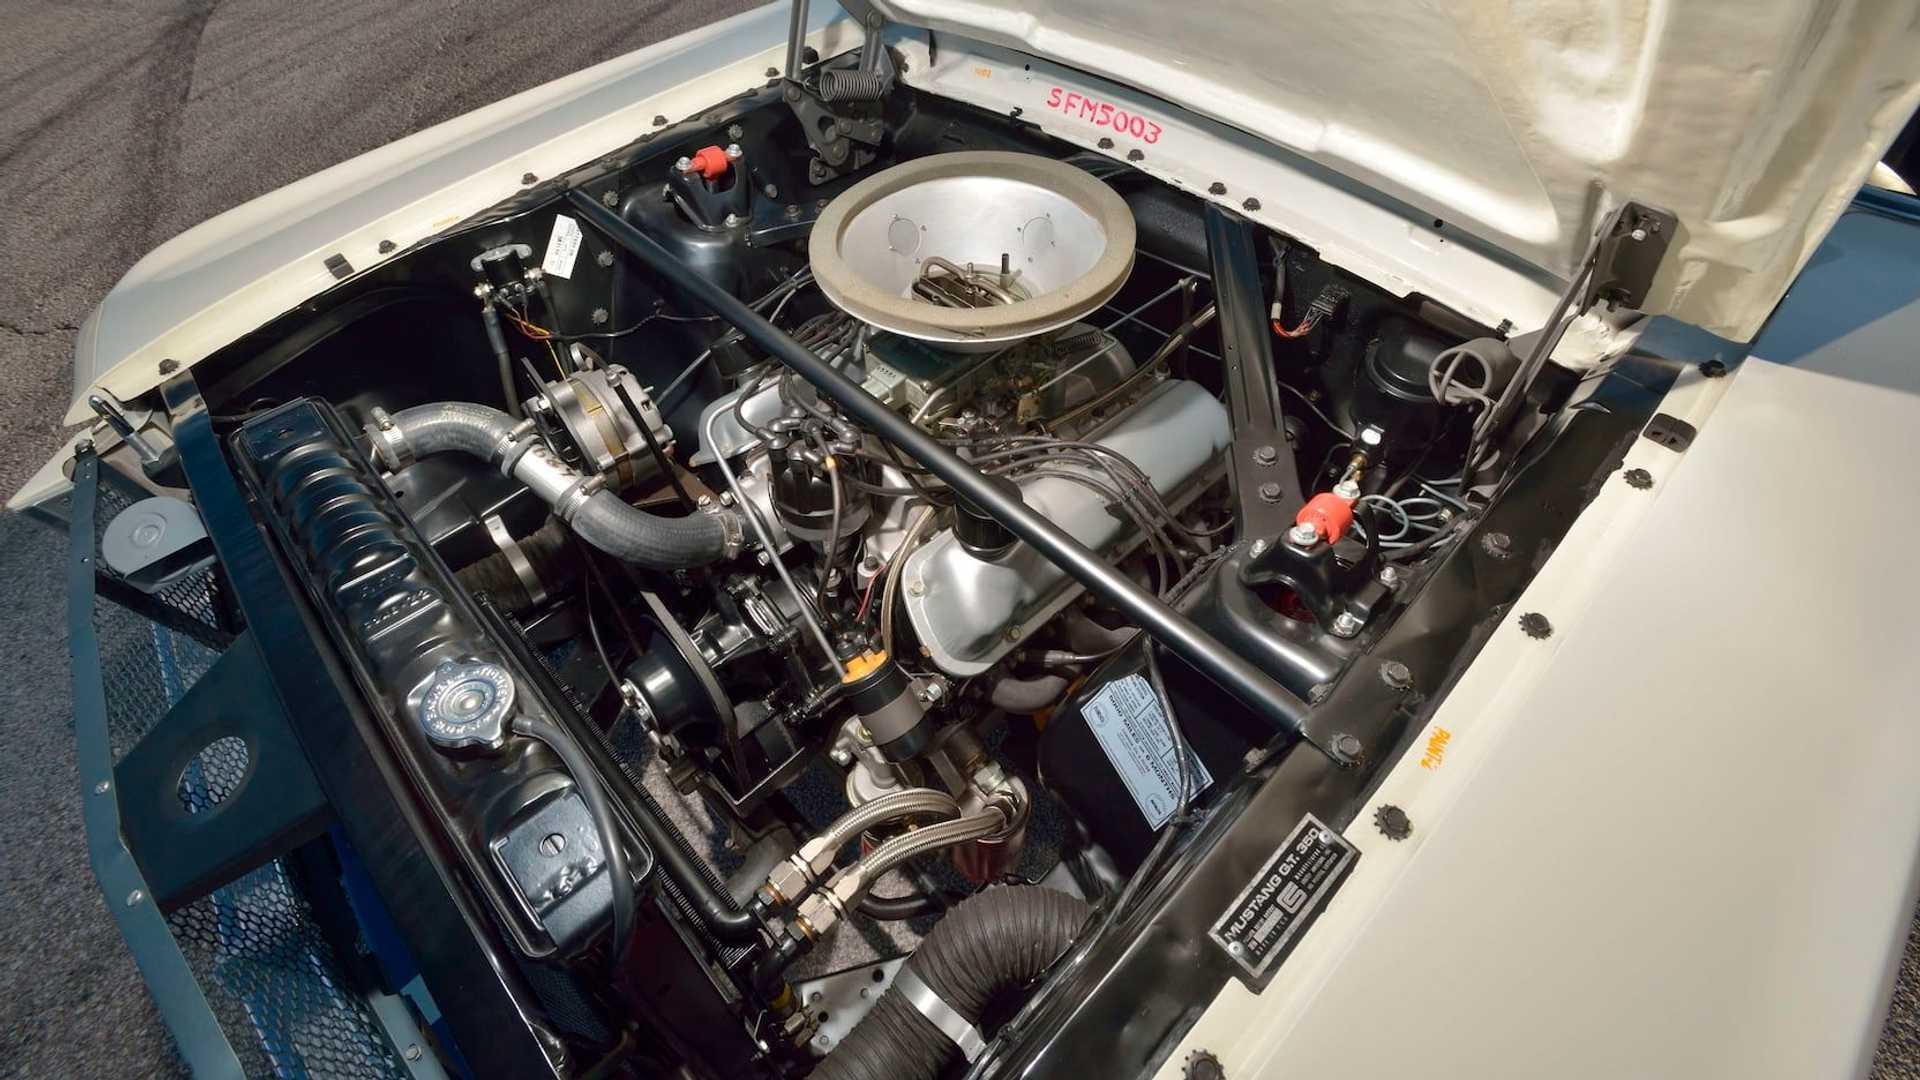 Самый дорогой «Мустанг» оценили, как десять новый Ferrari 3